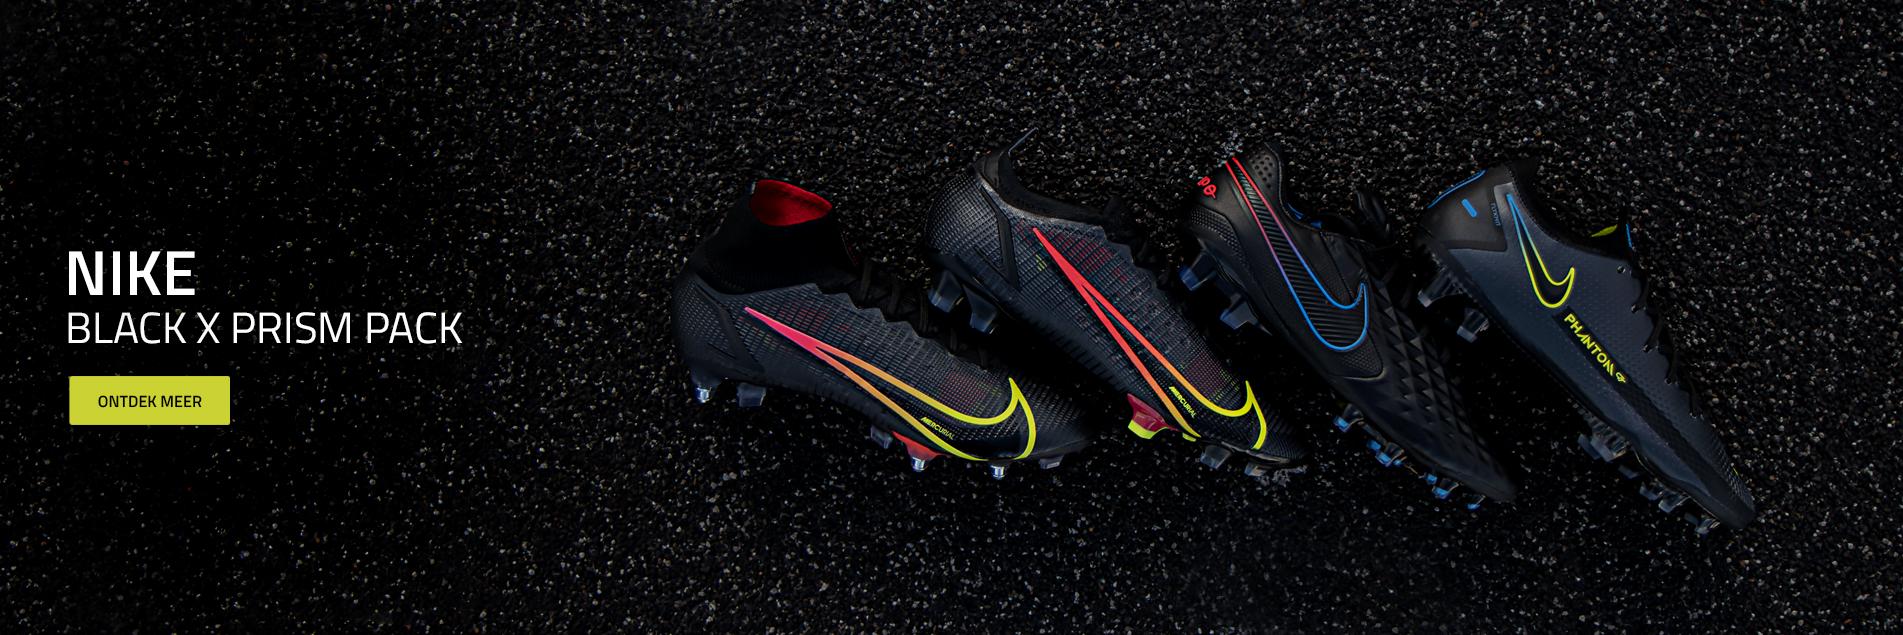 Nike Black X Prism Pack